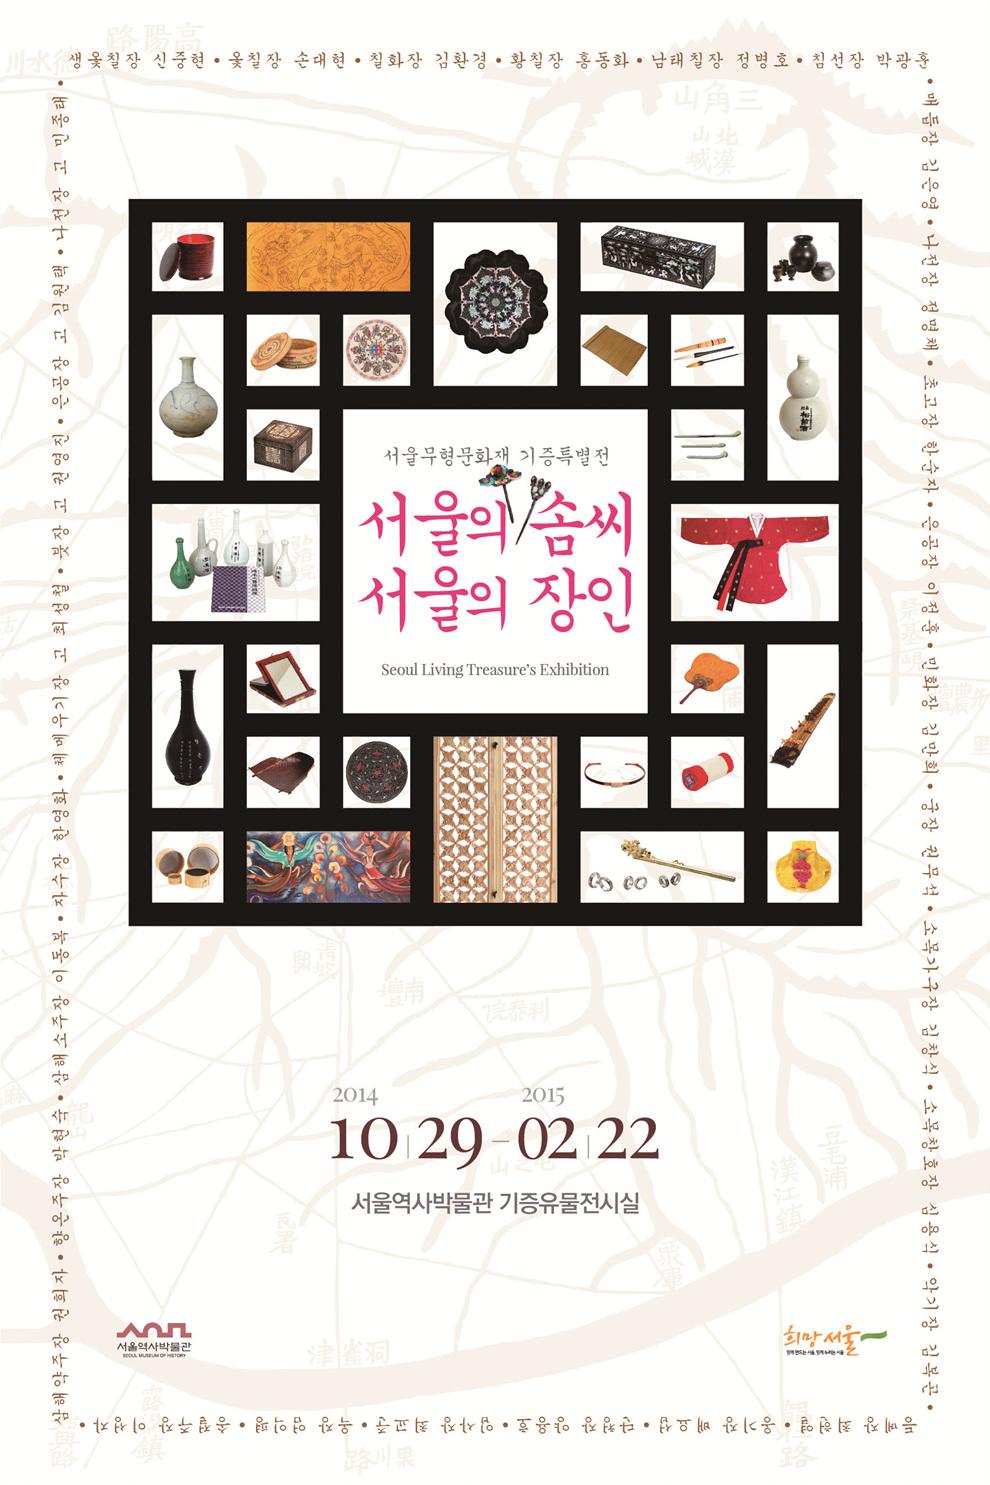 서울의 솜씨, 서울의 장인 展